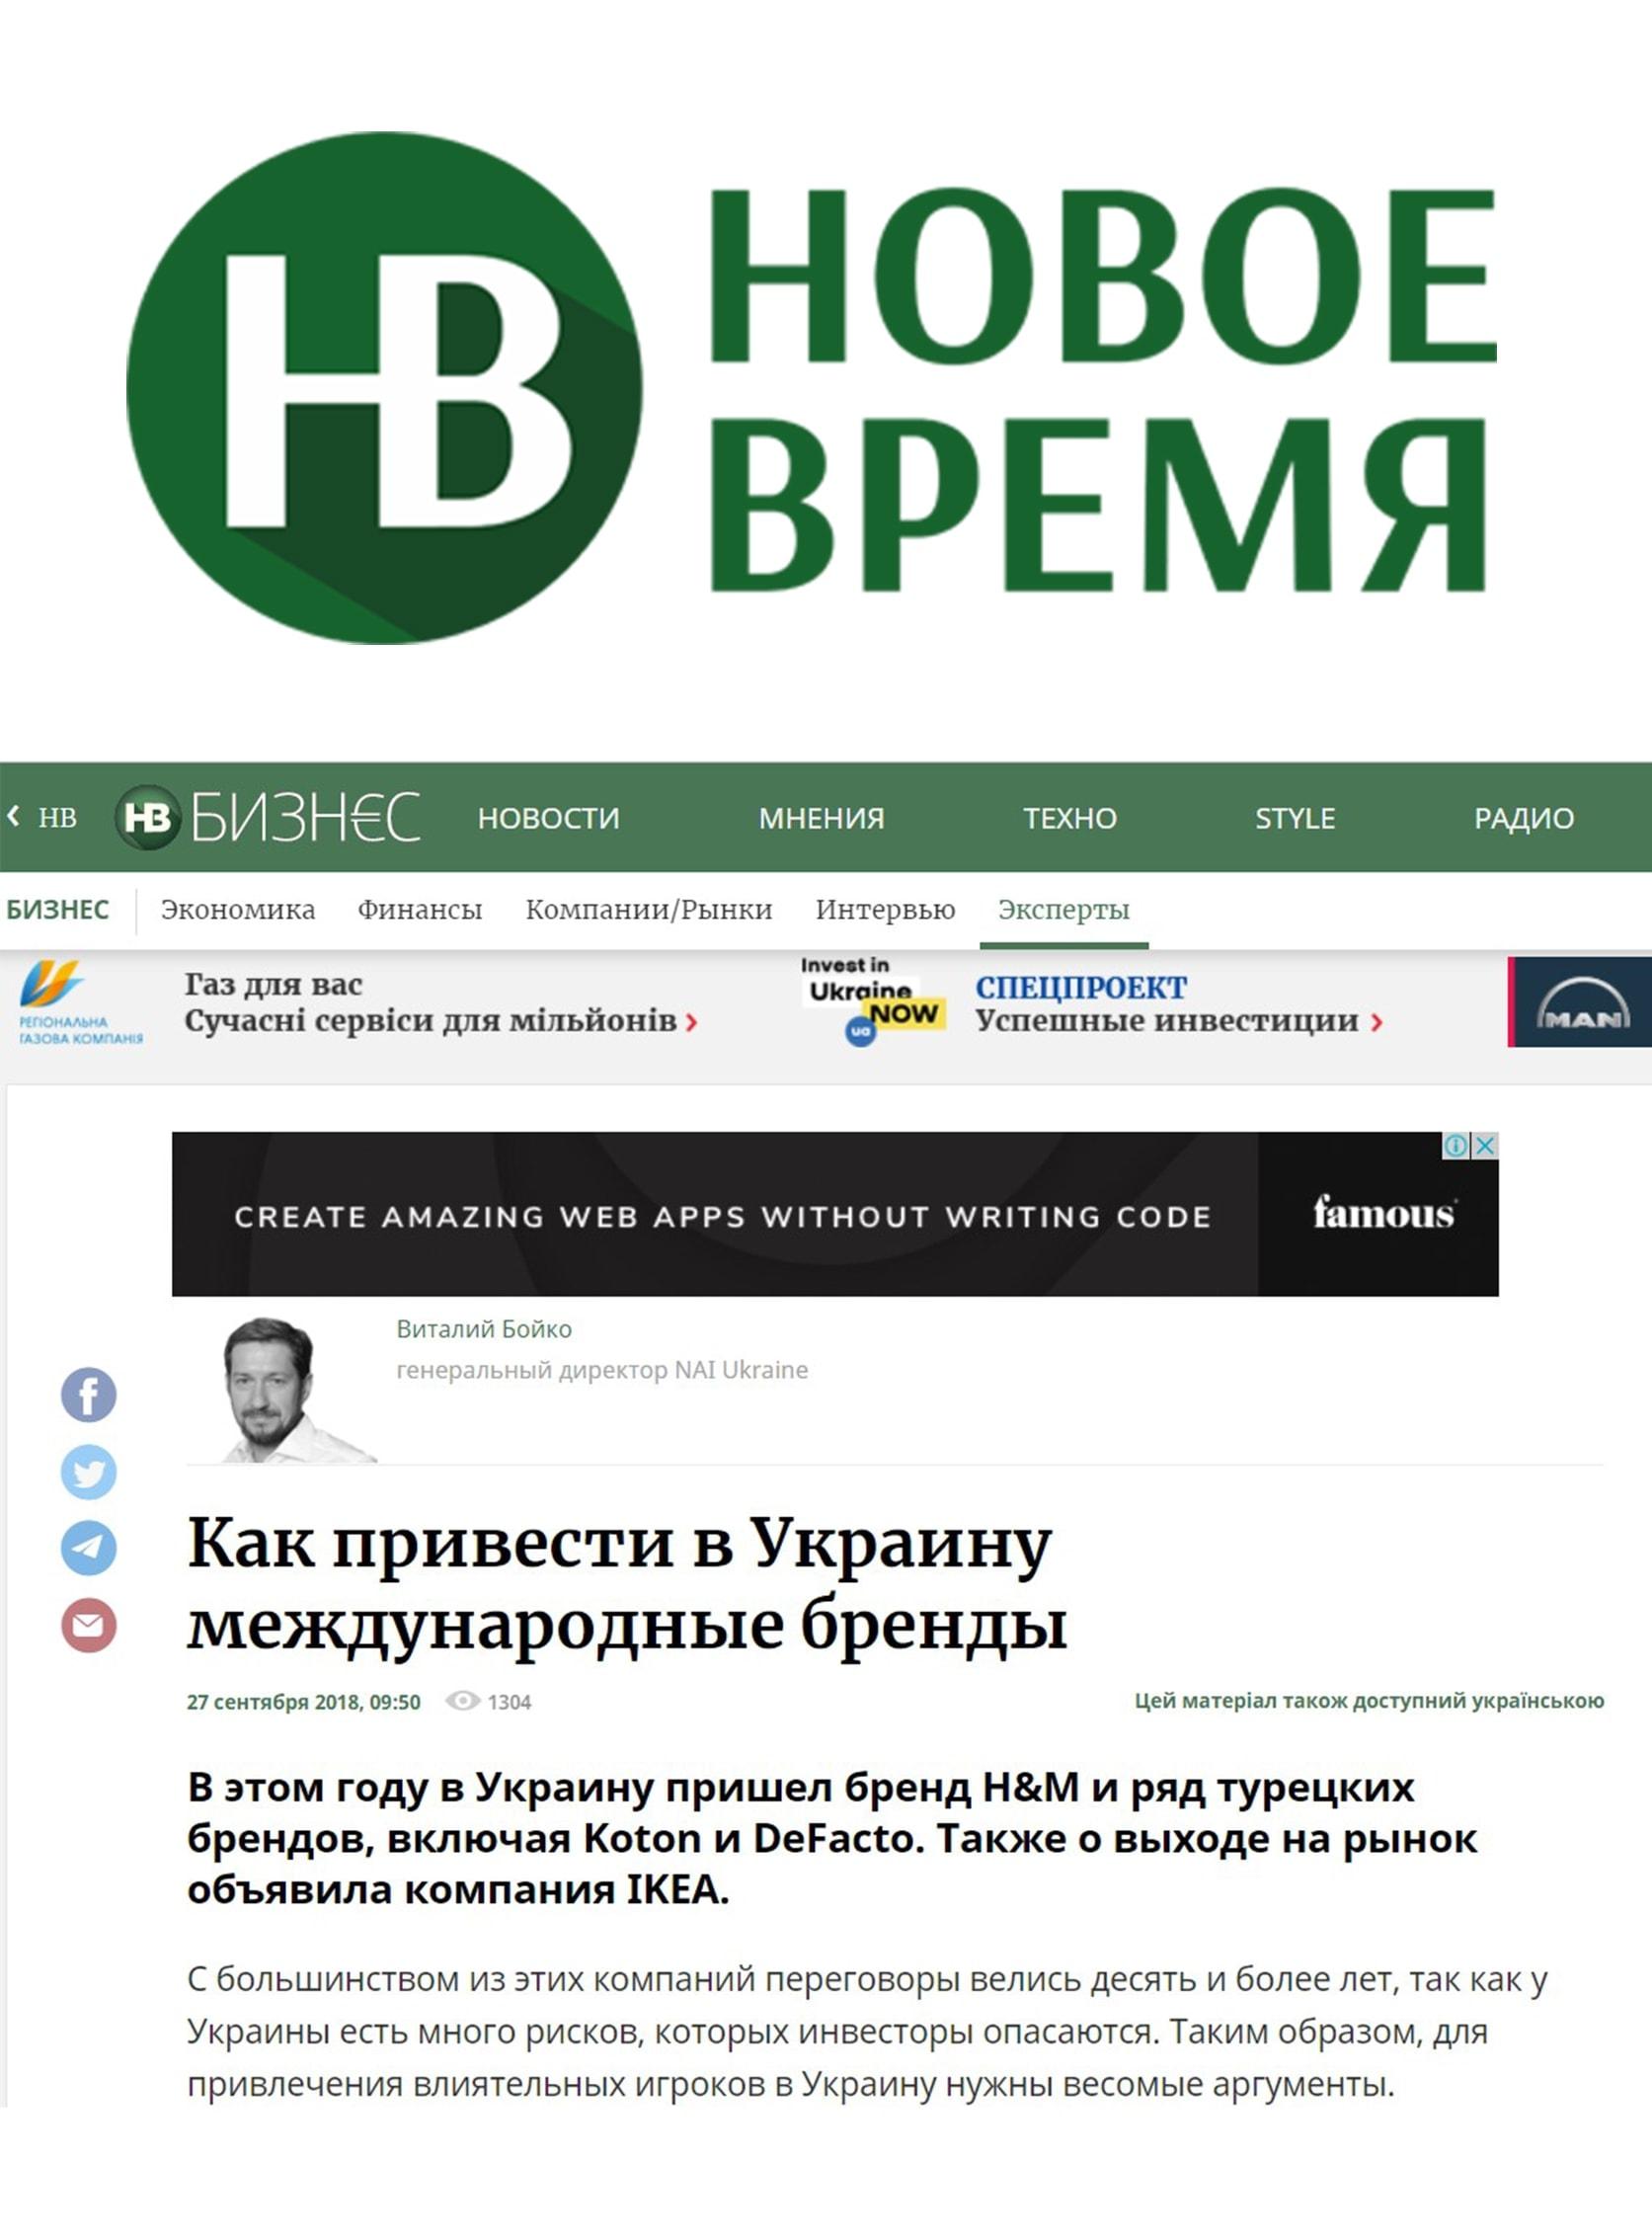 Як привезти в Україну міжнародні бренди